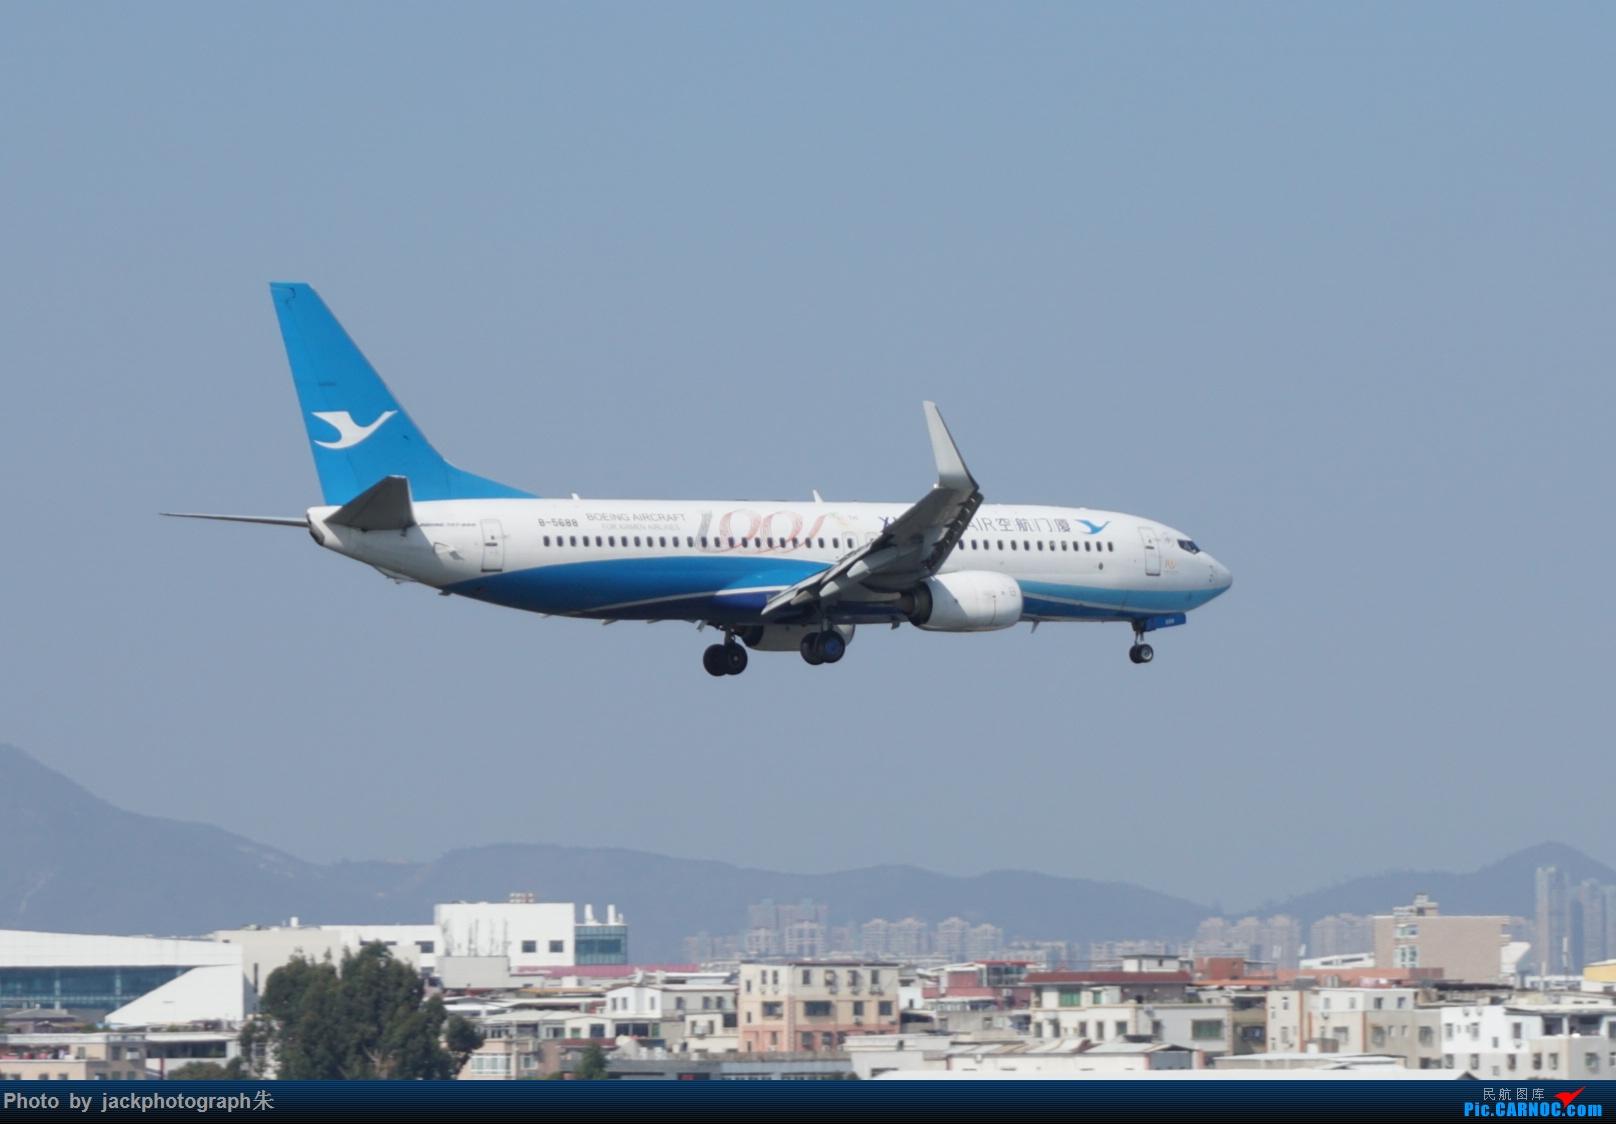 [原创]见证厦航的发展 厦门航空100架涂装 BOEING 737-800 B-5688 中国厦门高崎国际机场